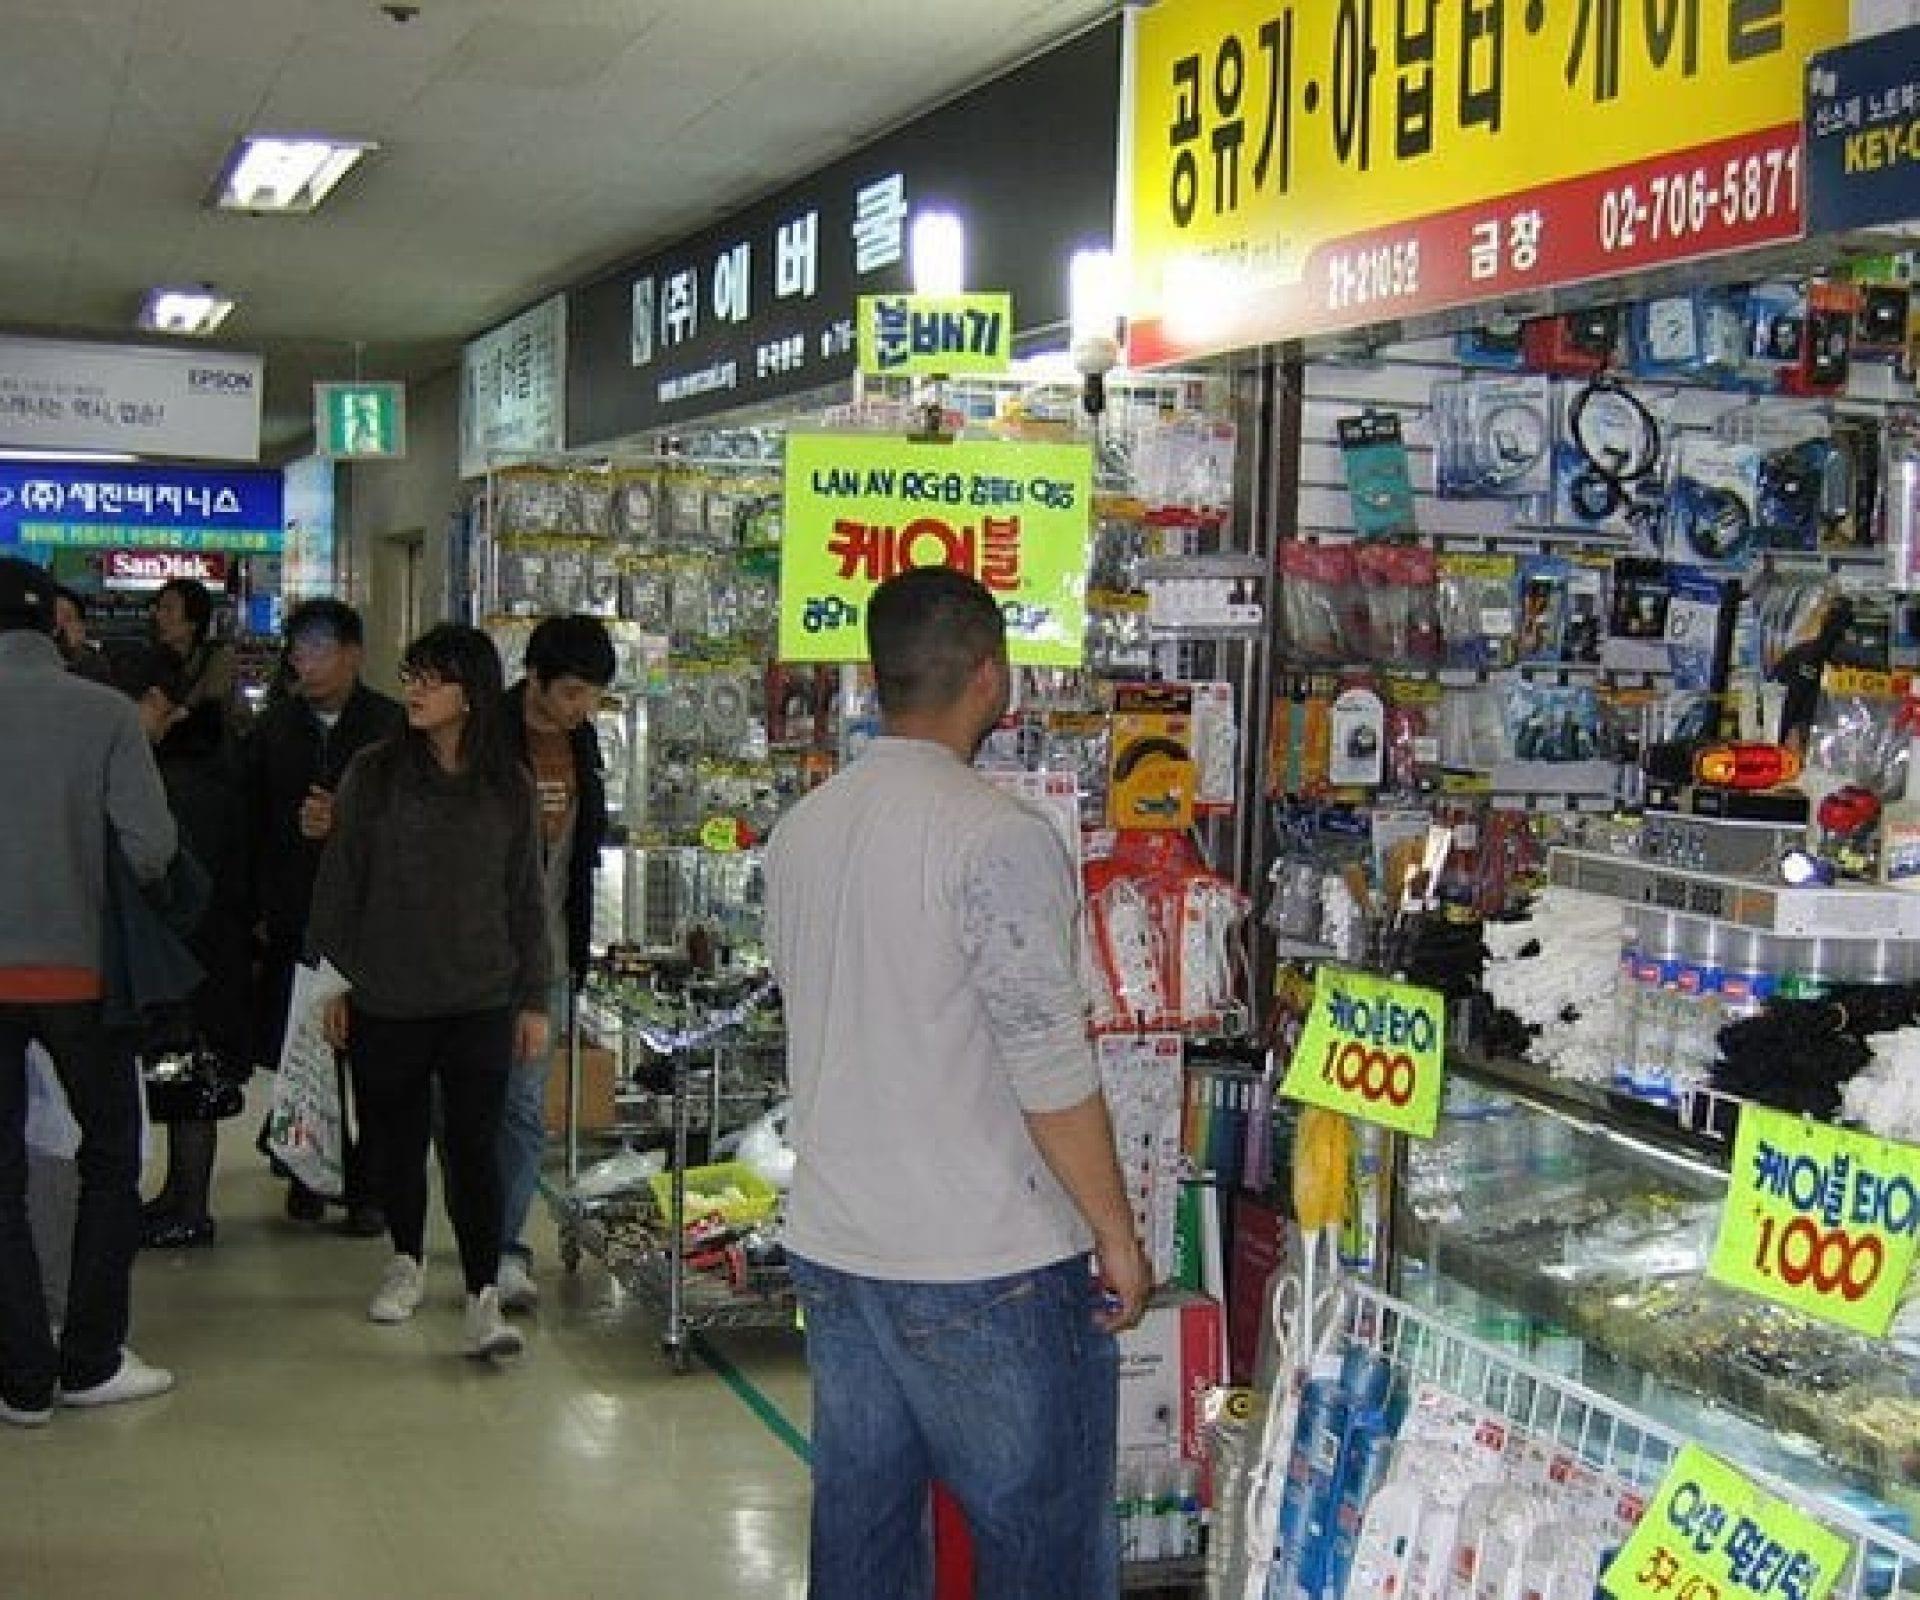 Yongsan Electronics Market | Yongsan-gu, Seoul